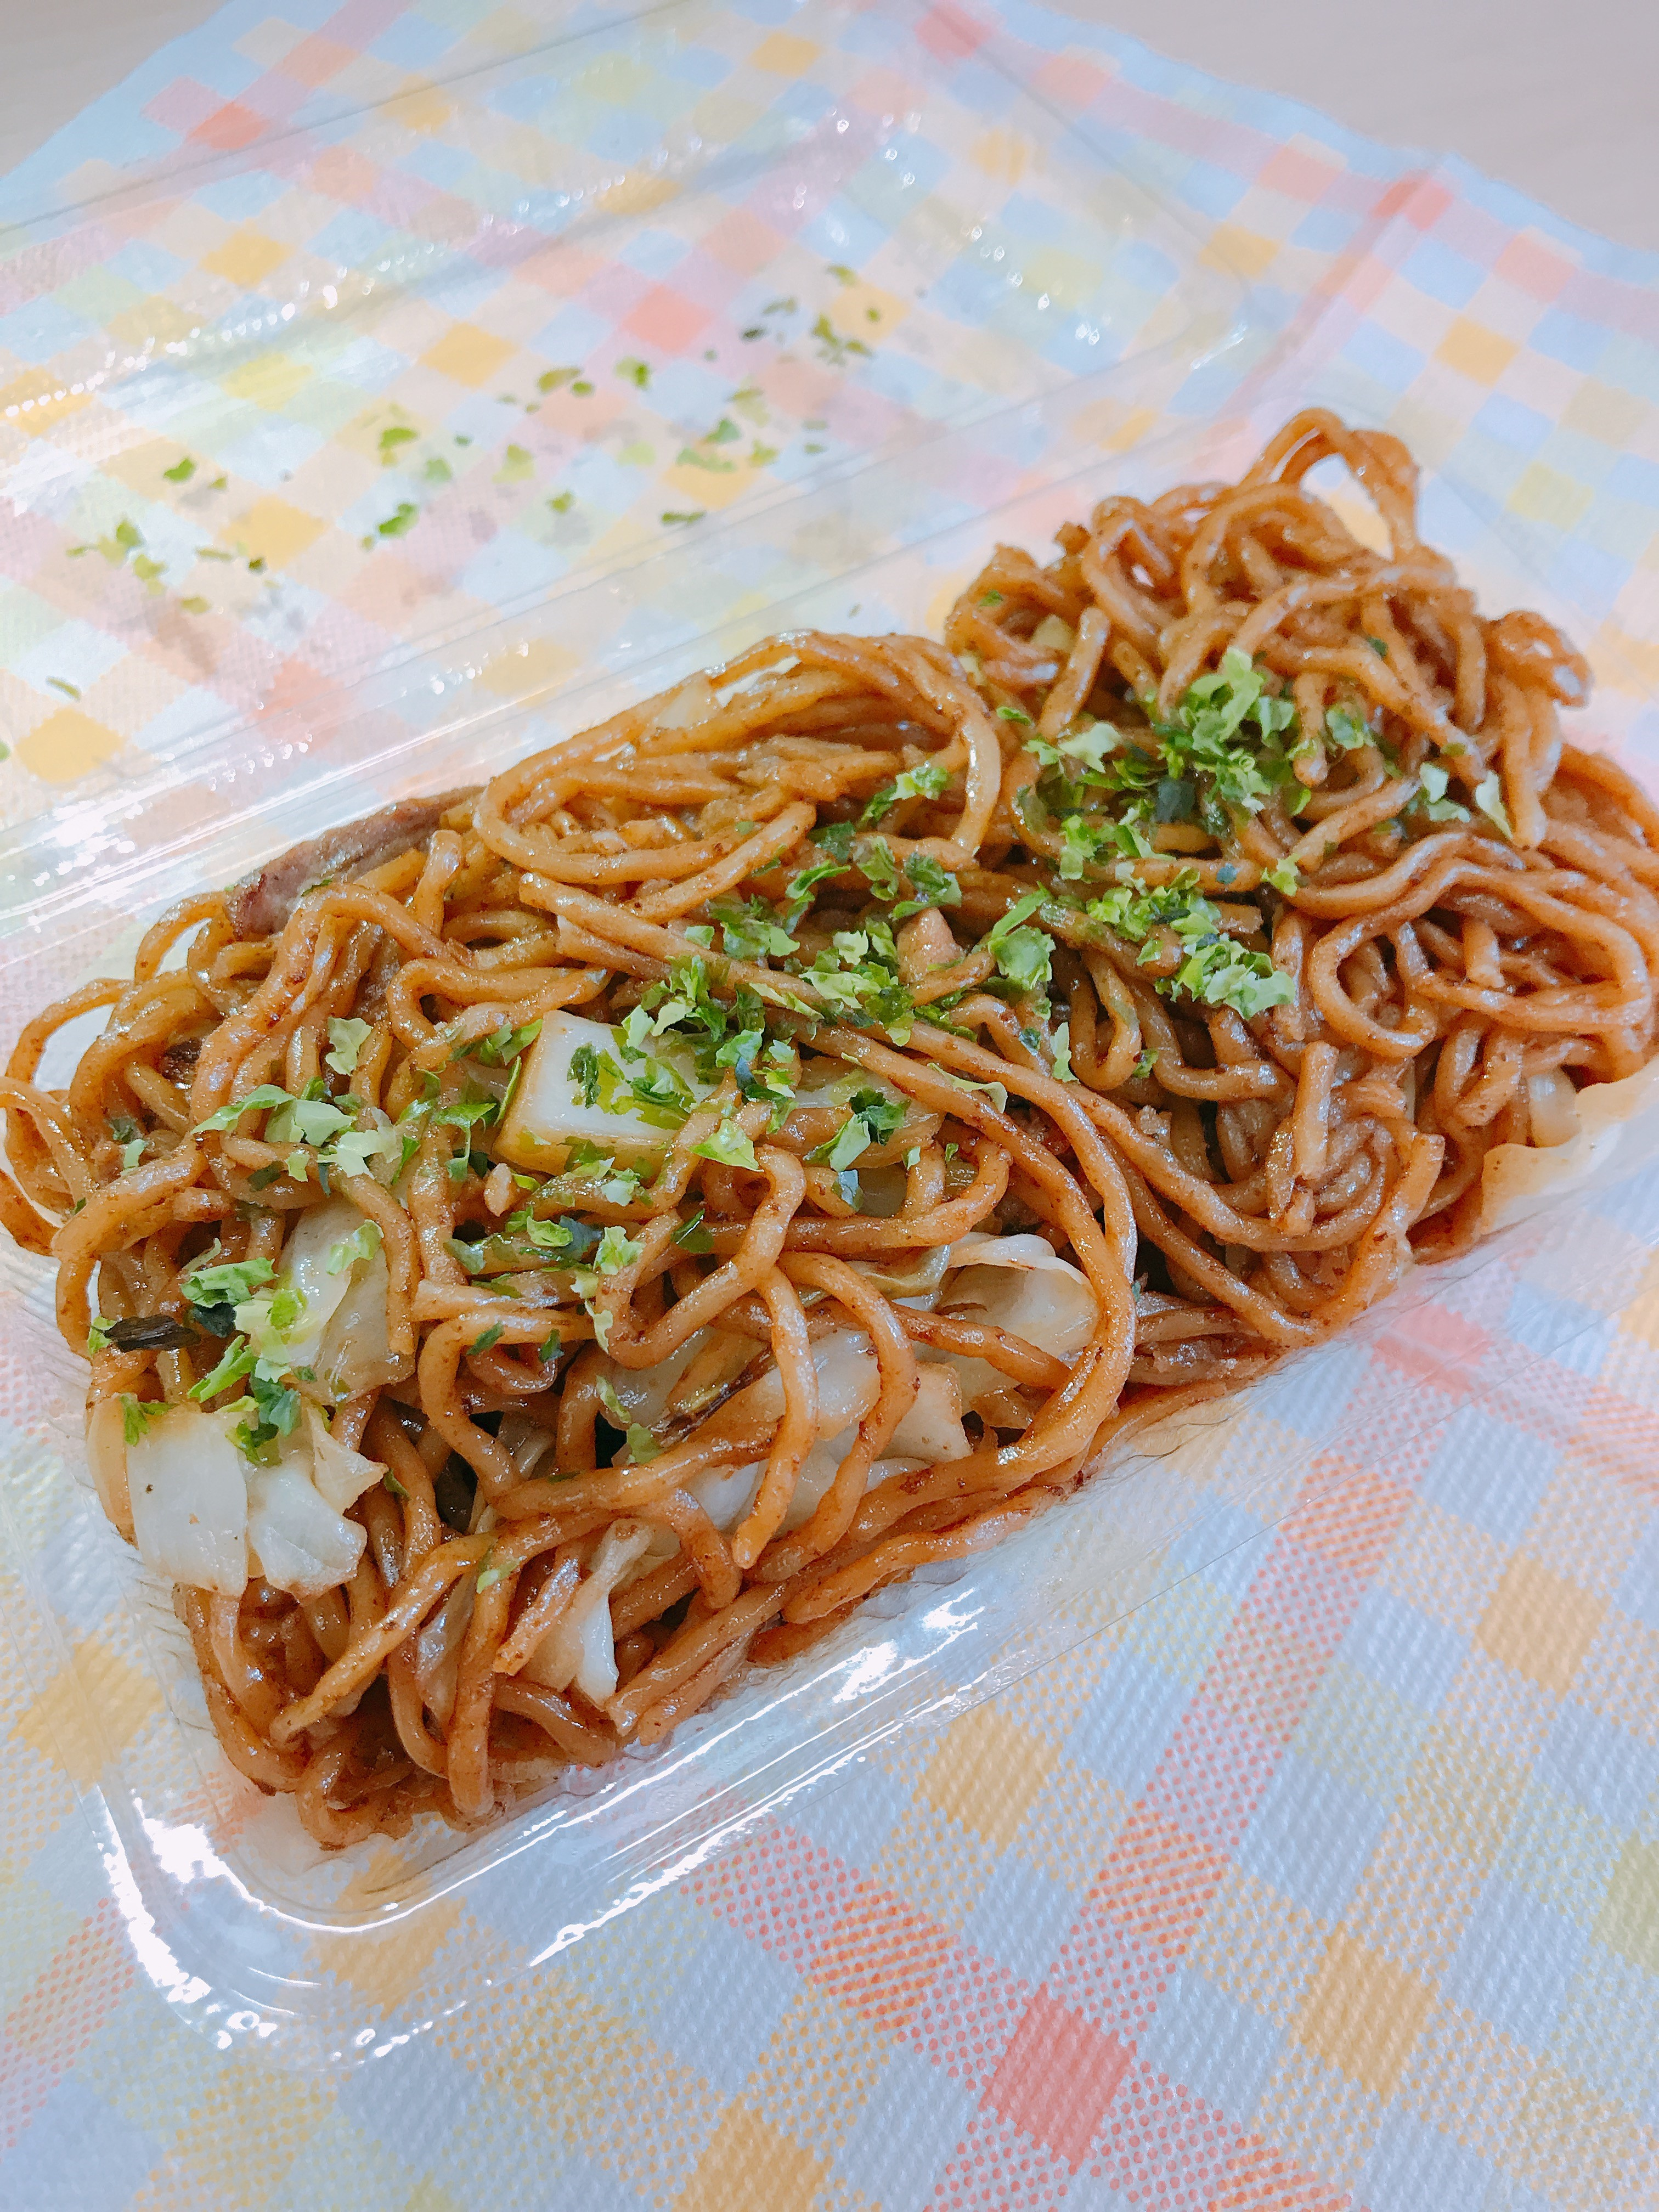 ☆10月19日(土)開催のさわらびっこ祭り食品紹介☆ ~Part1~:画像2